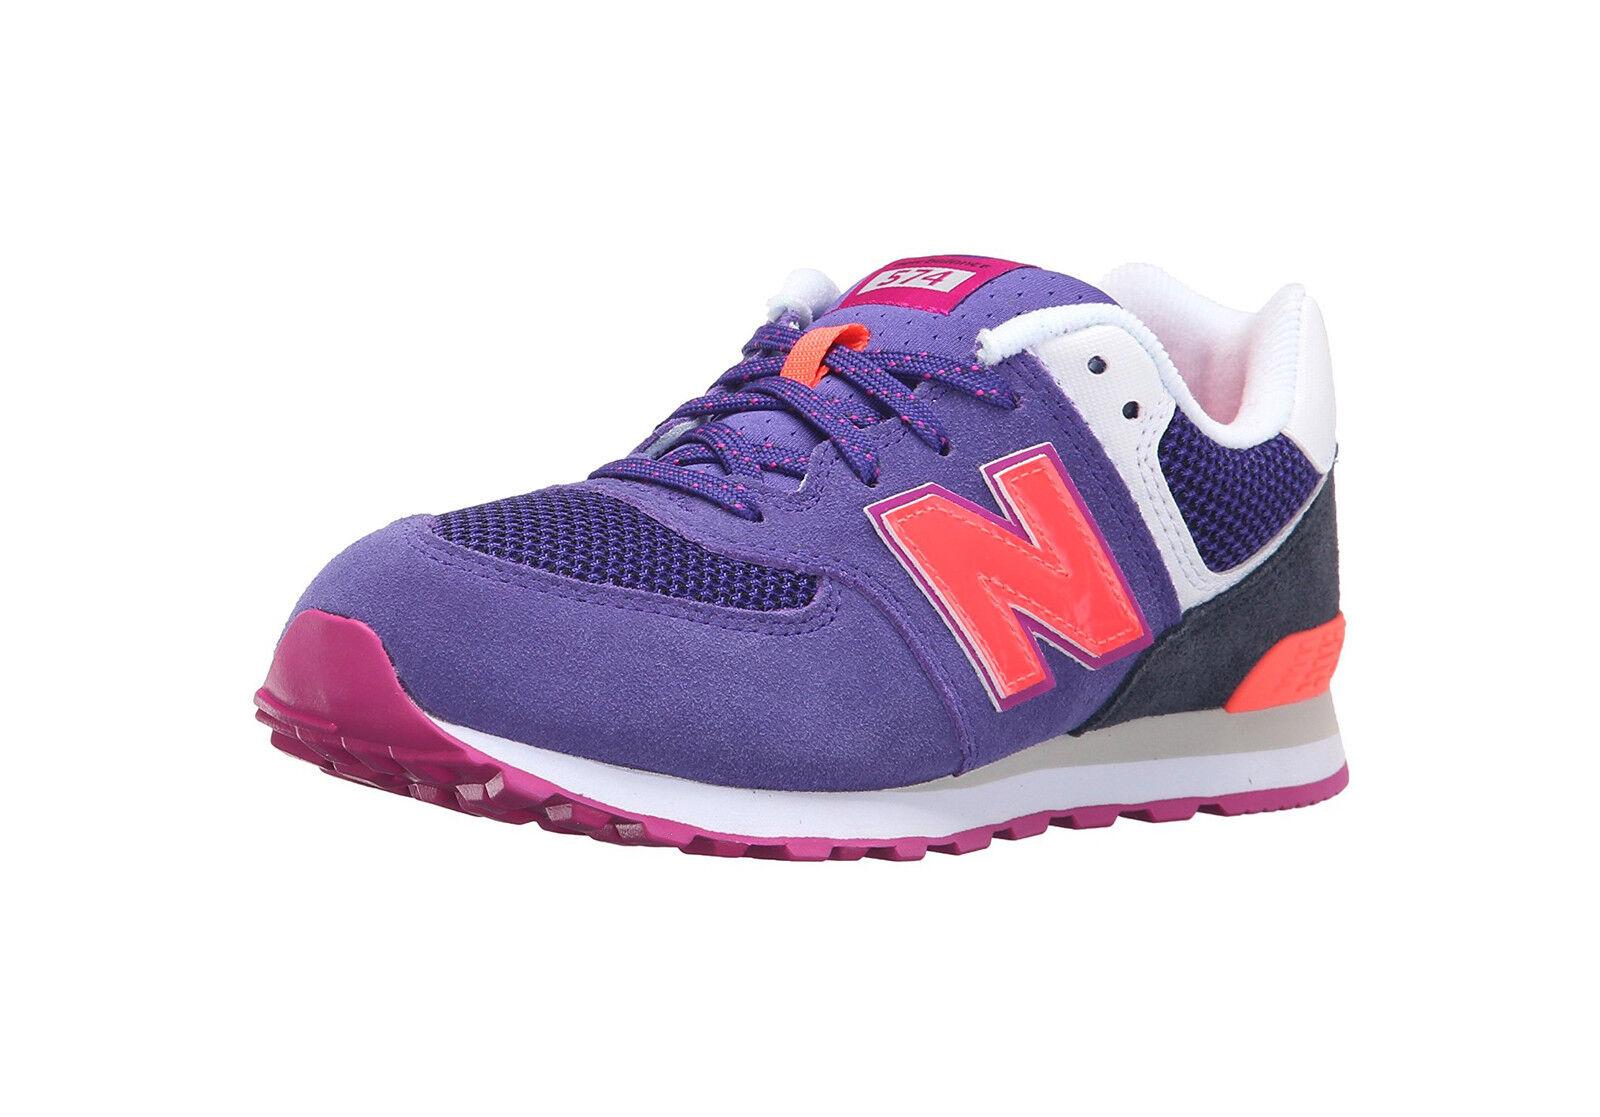 NEU Balance Schuhes Junior Youth Girls Damenschuhe KL574 Lavender Running Sneakers